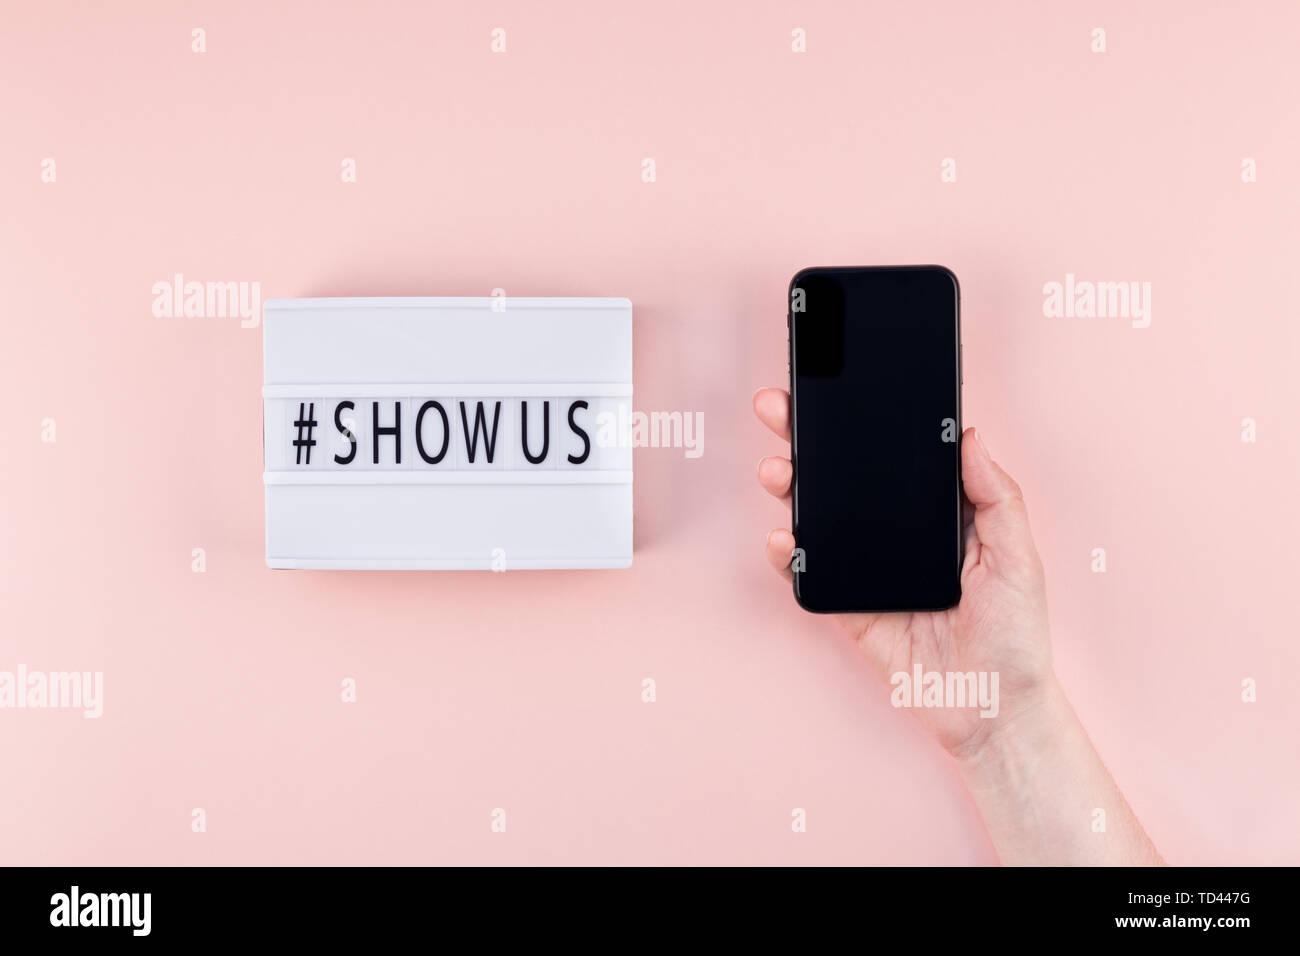 Kreative, oben flach der Lightbox mit hashtag zeigen uns Nachricht und Handy in der Hand mockup rosa Hintergrund minimal Style. Konzept Projekt wor Stockbild